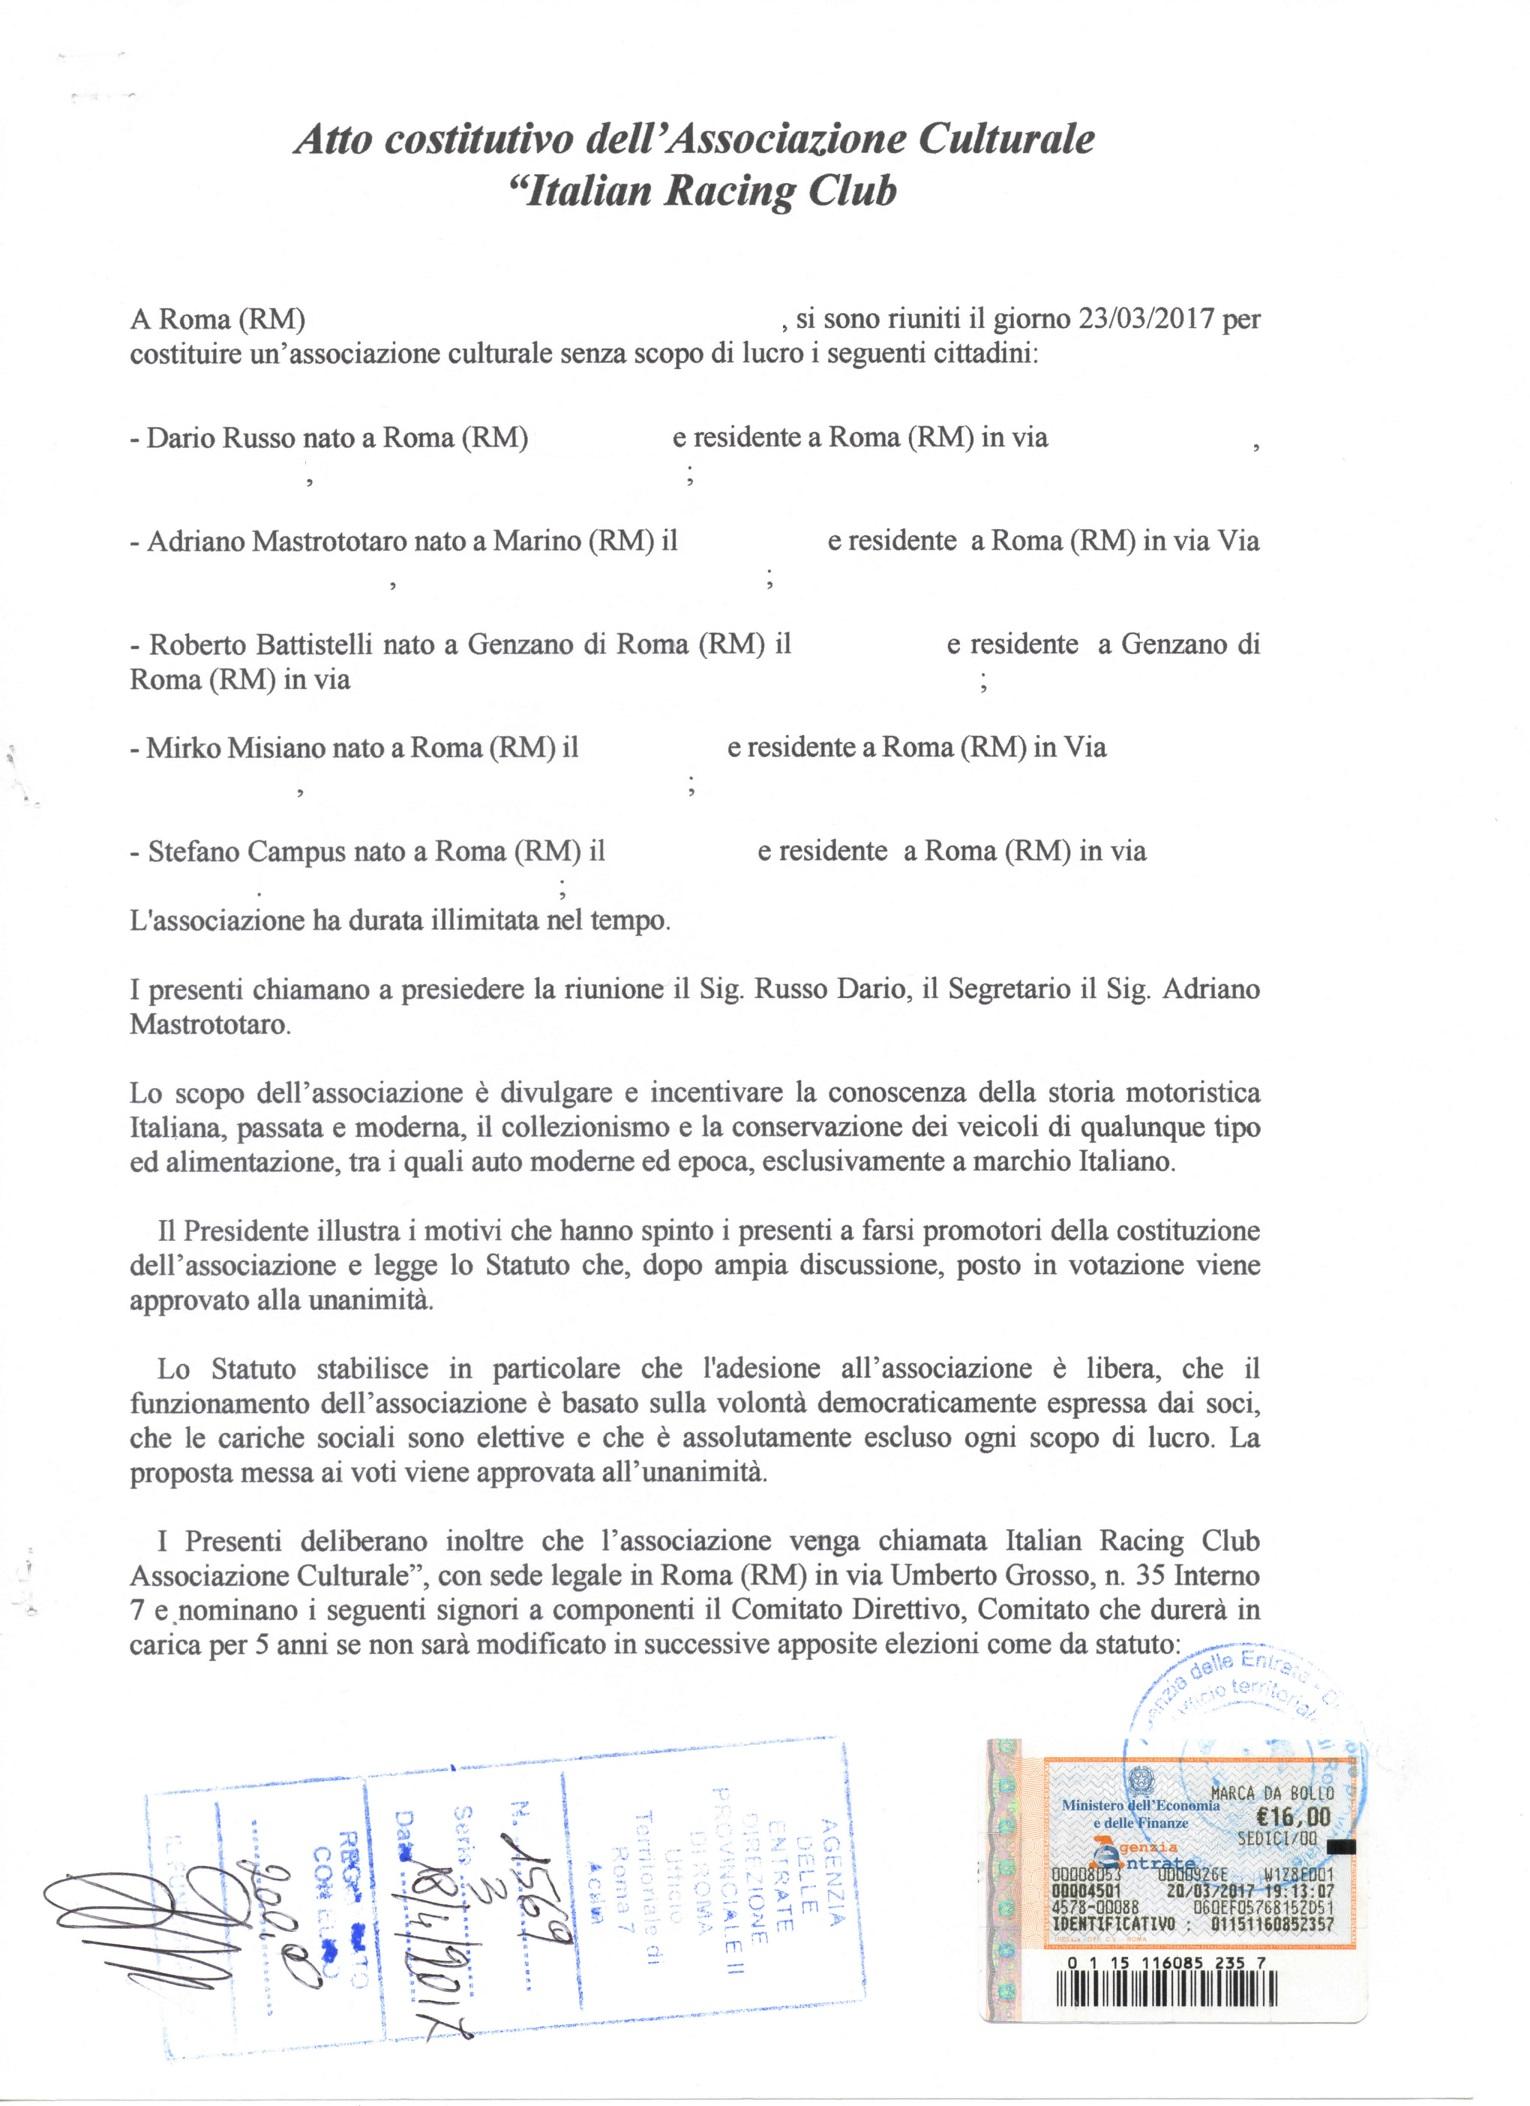 Atto-Costitutivo-1